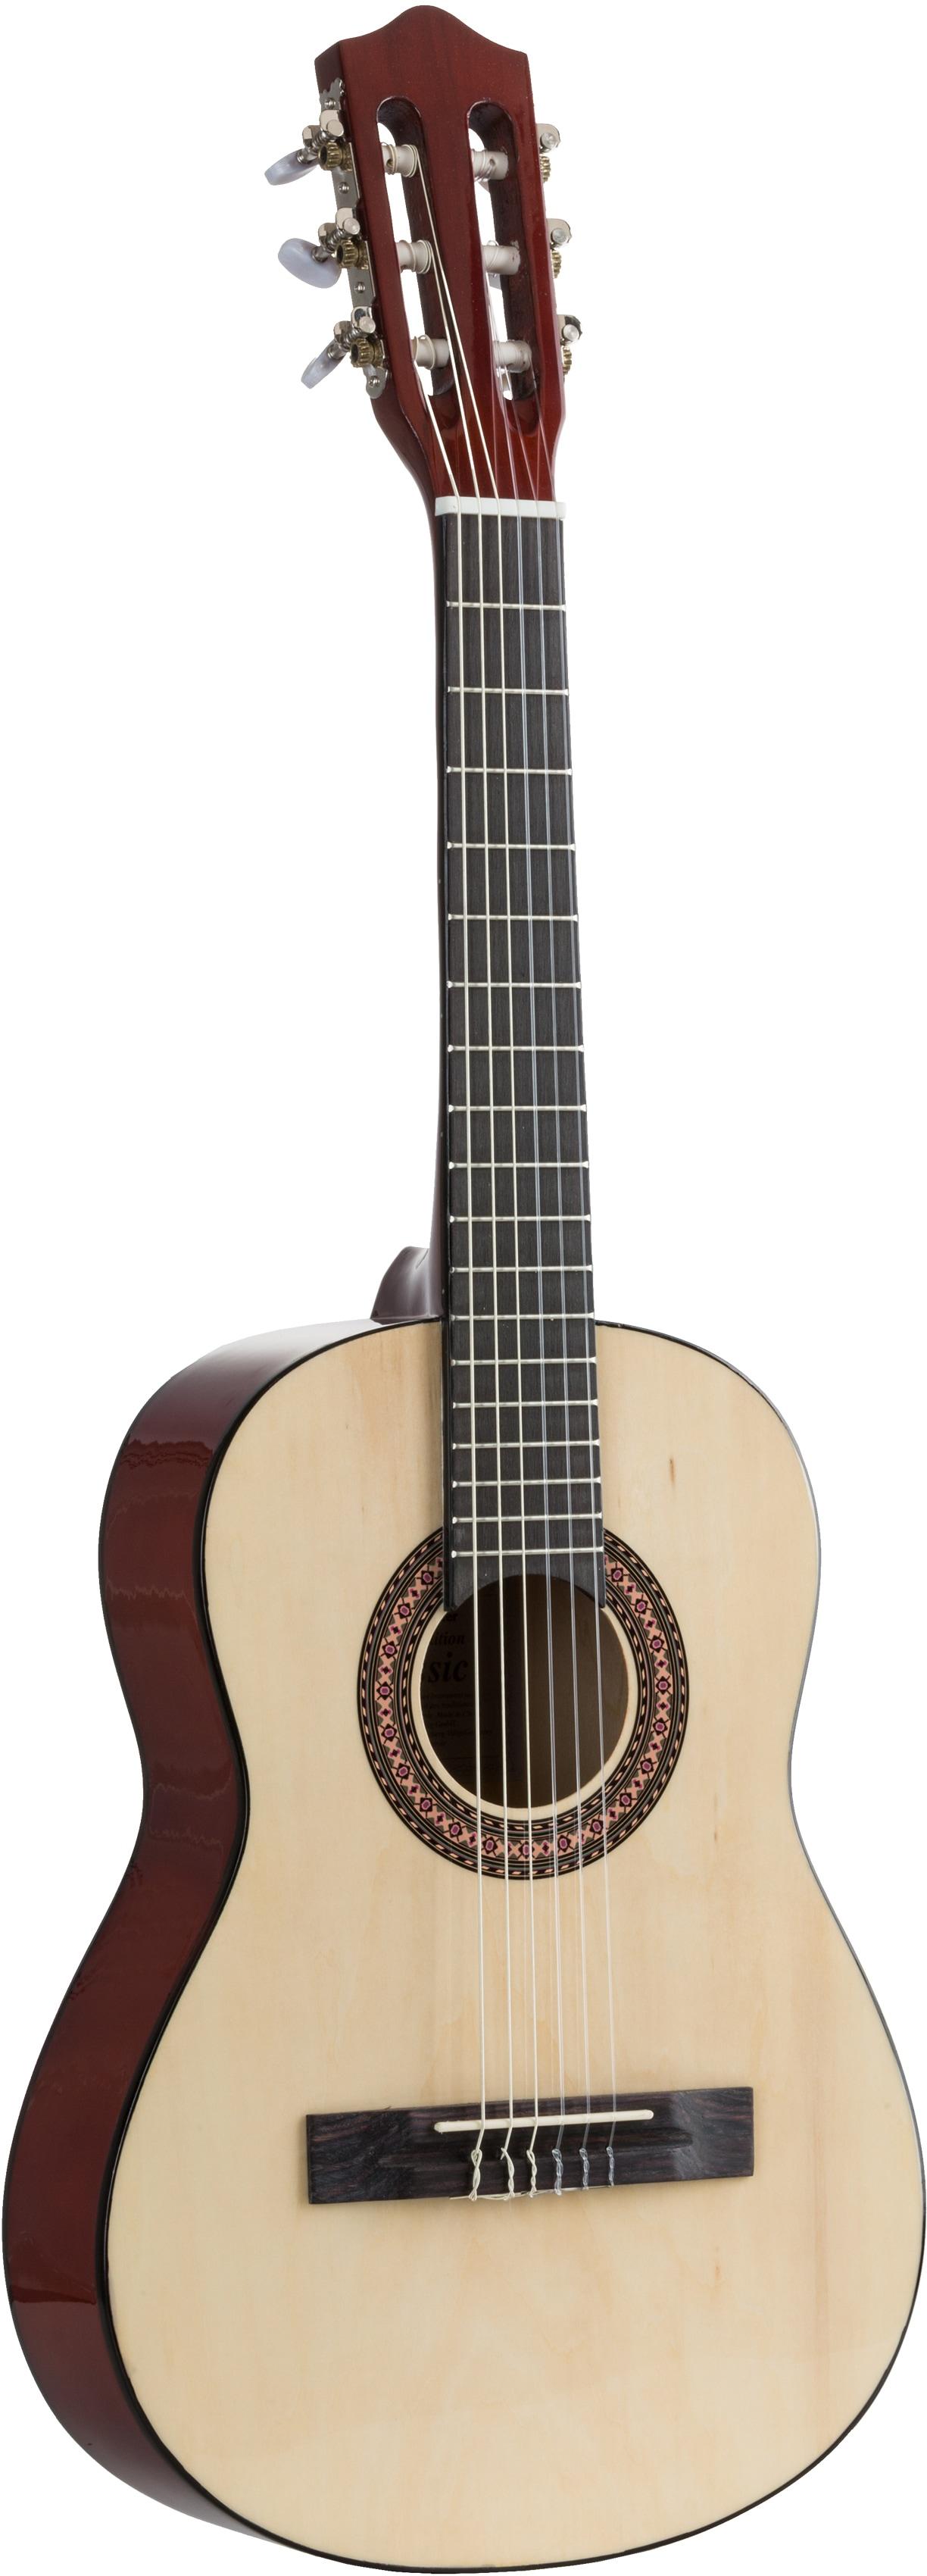 Voggenreiter Kindergitarre Kindergitarre, natur, 1/2 braun Audio SOFORT LIEFERBARE Technik